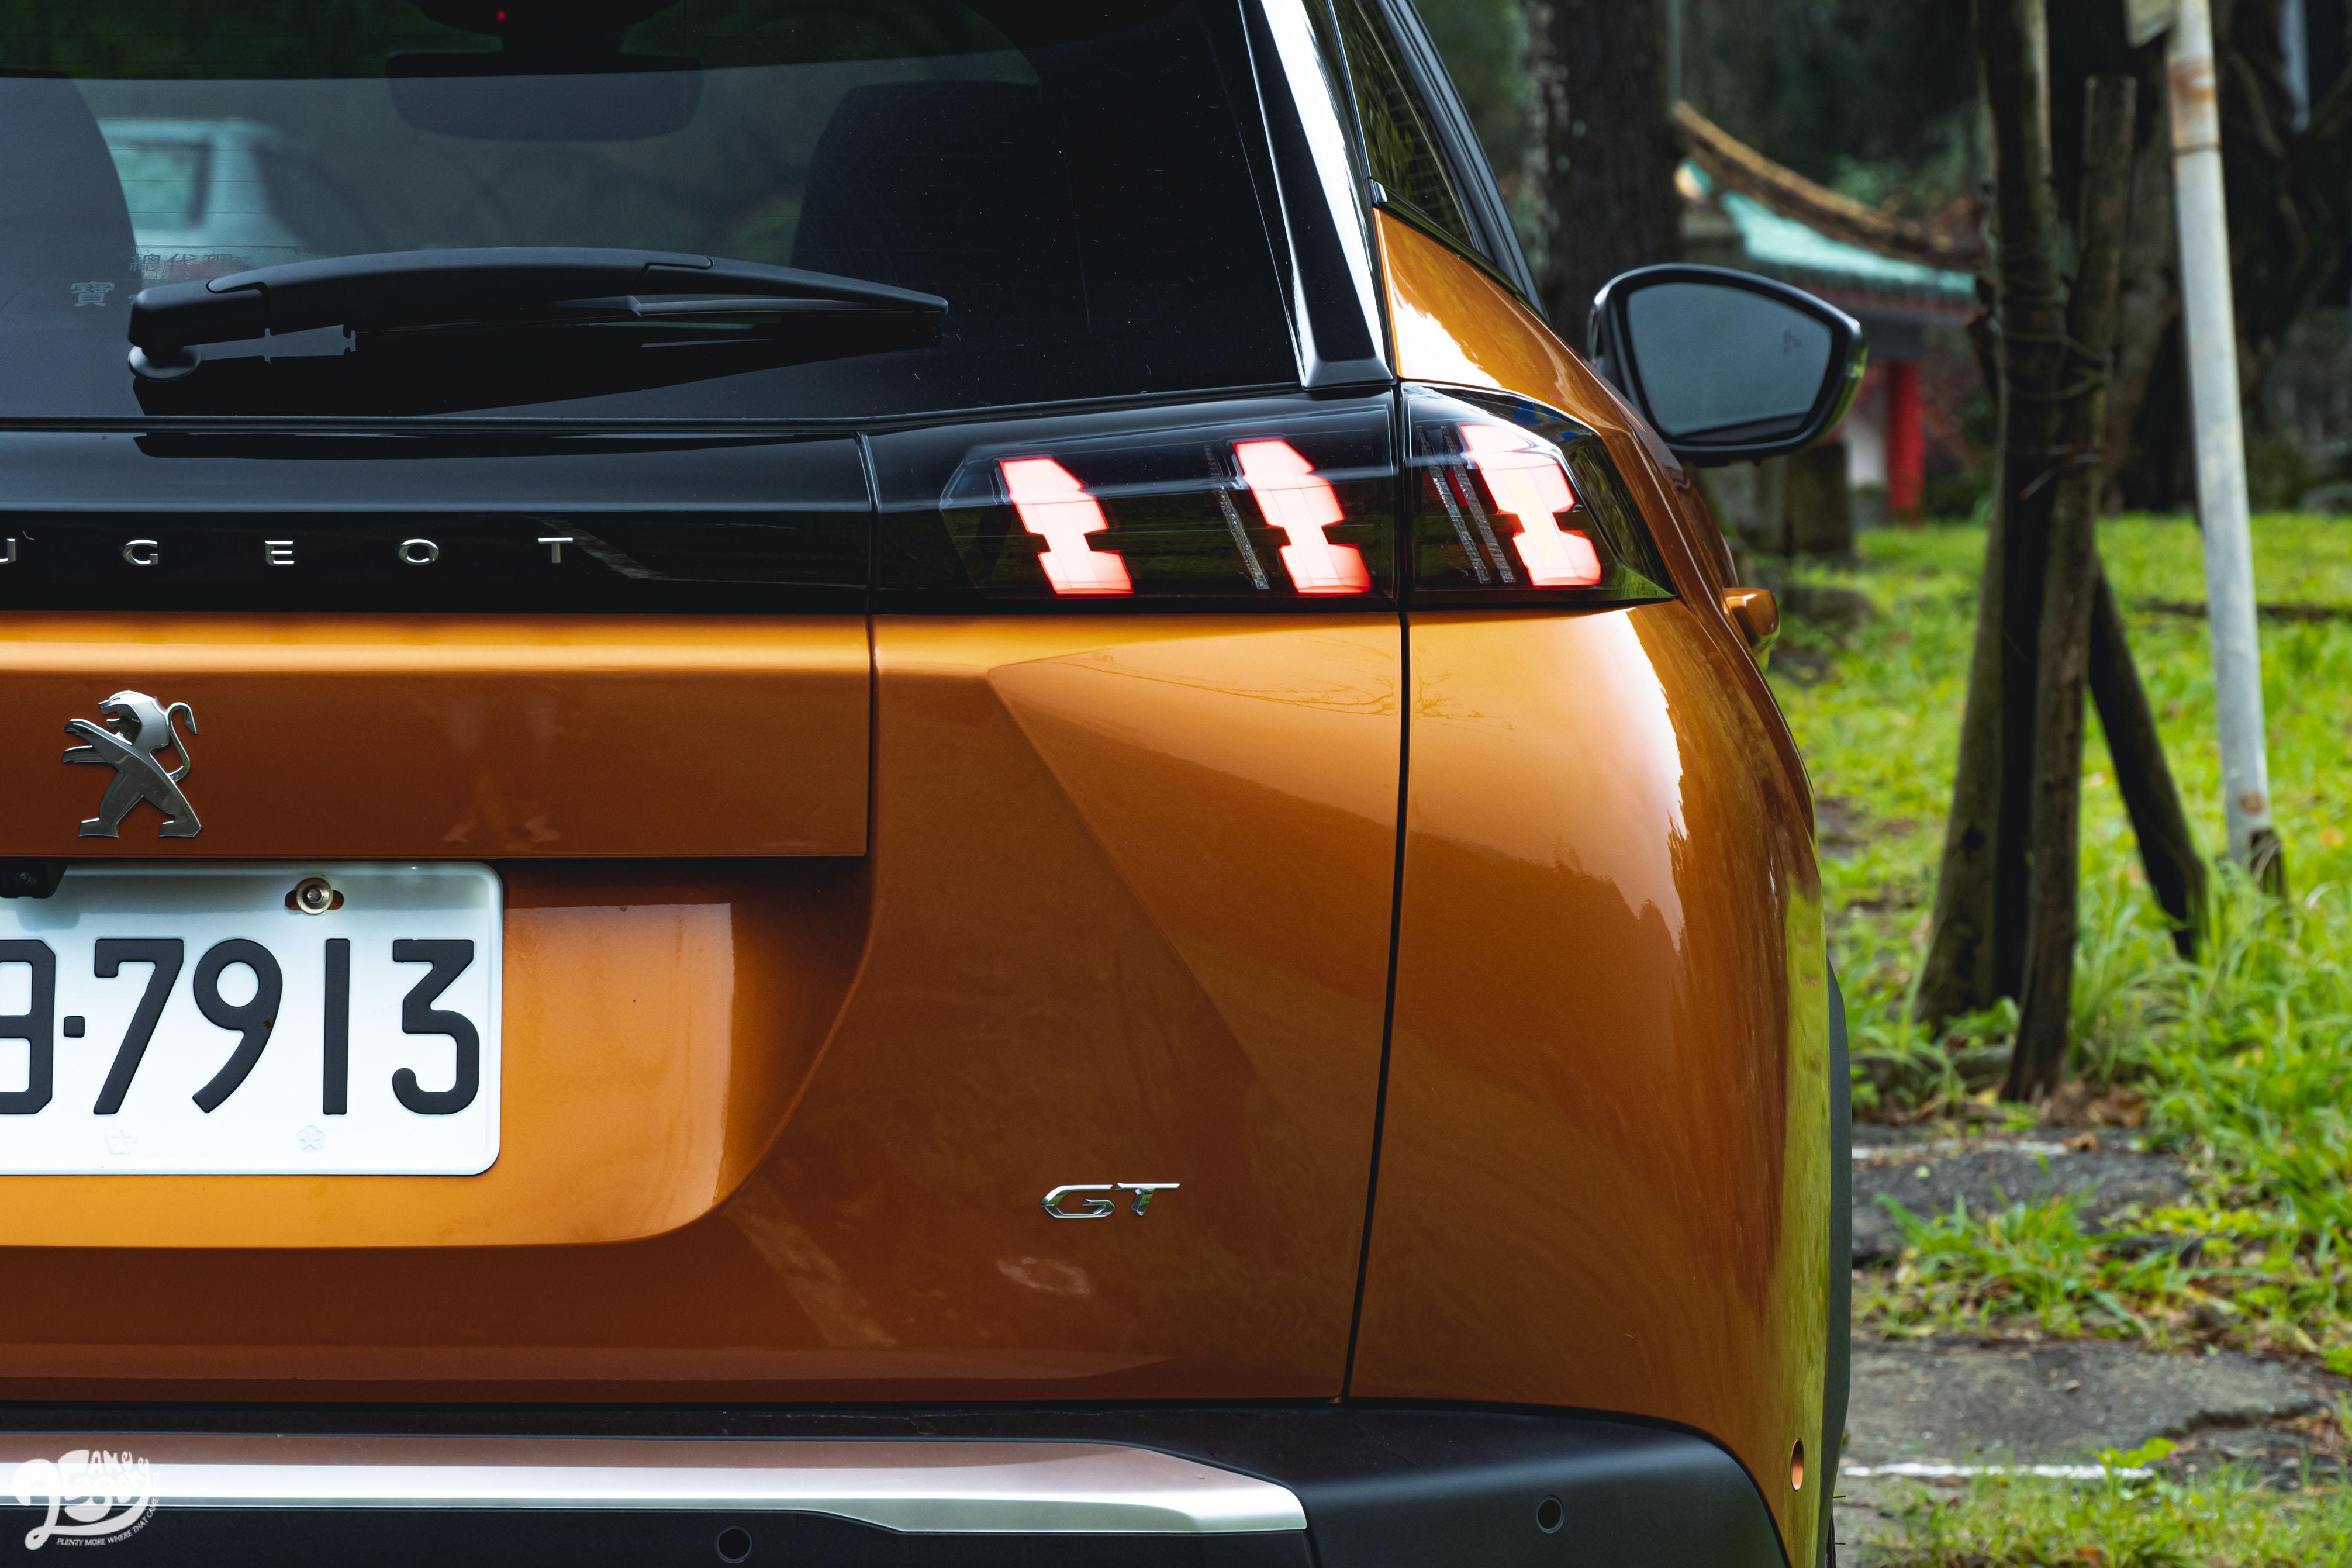 呼應車頭的獅爪燈,和趕流行的橫幅「PEUGEOT」字樣。